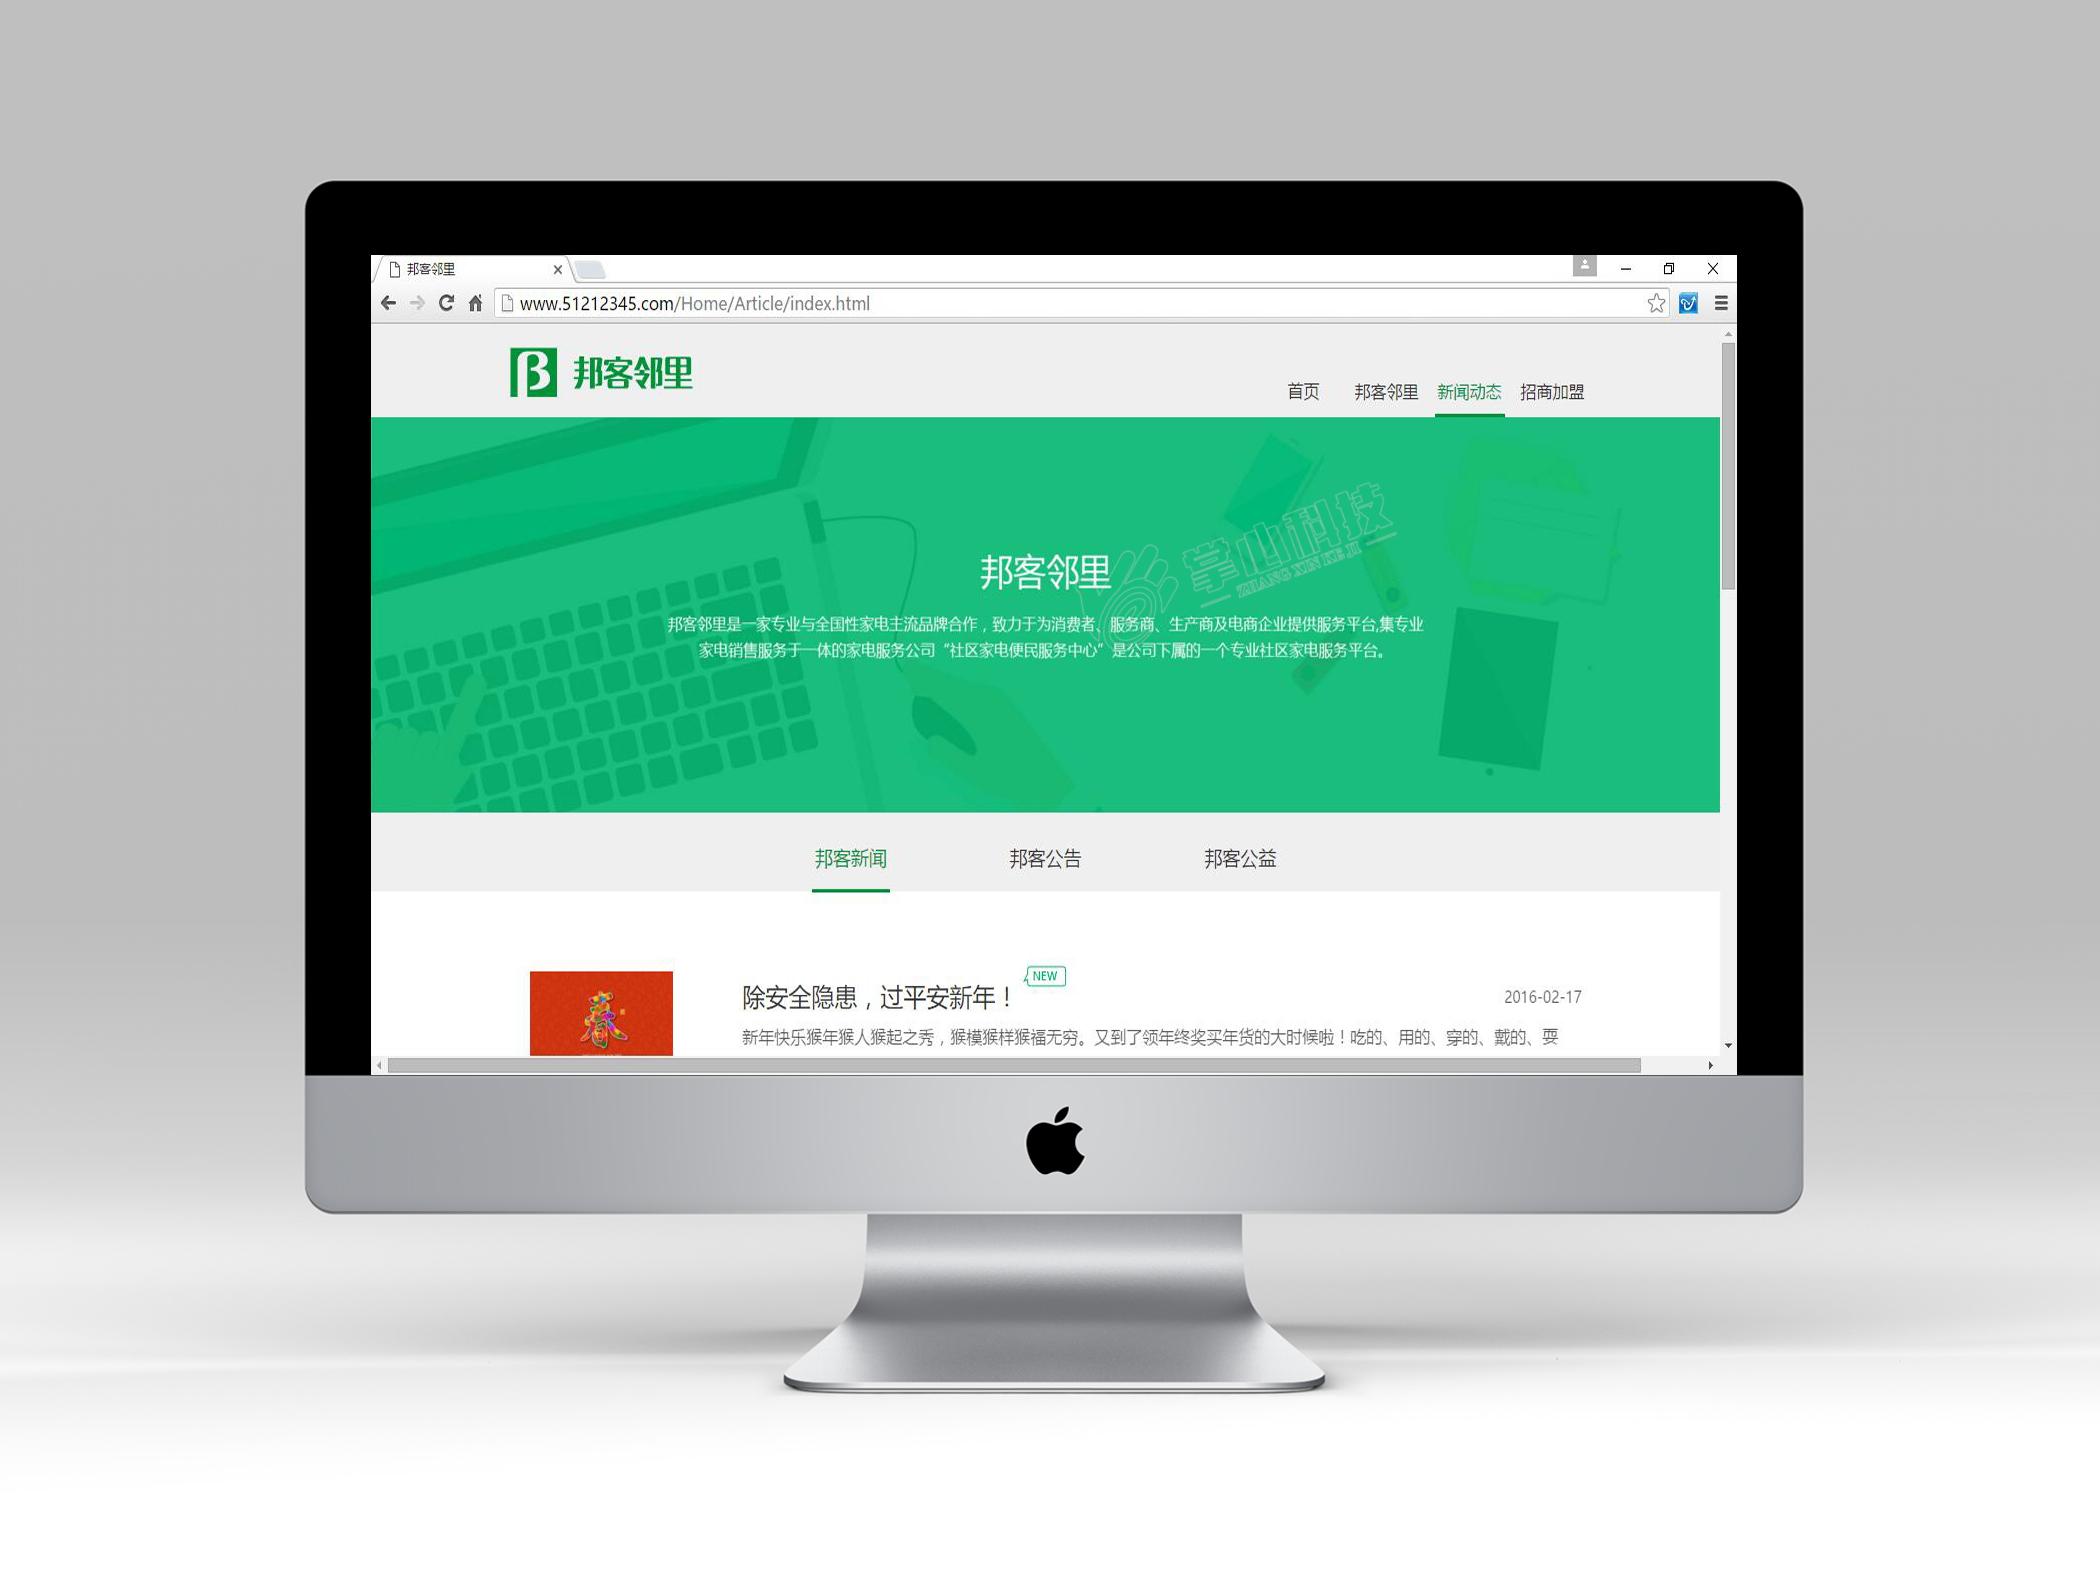 高端营销型网站开发,外贸网站开发,APP小程序定制模板开发